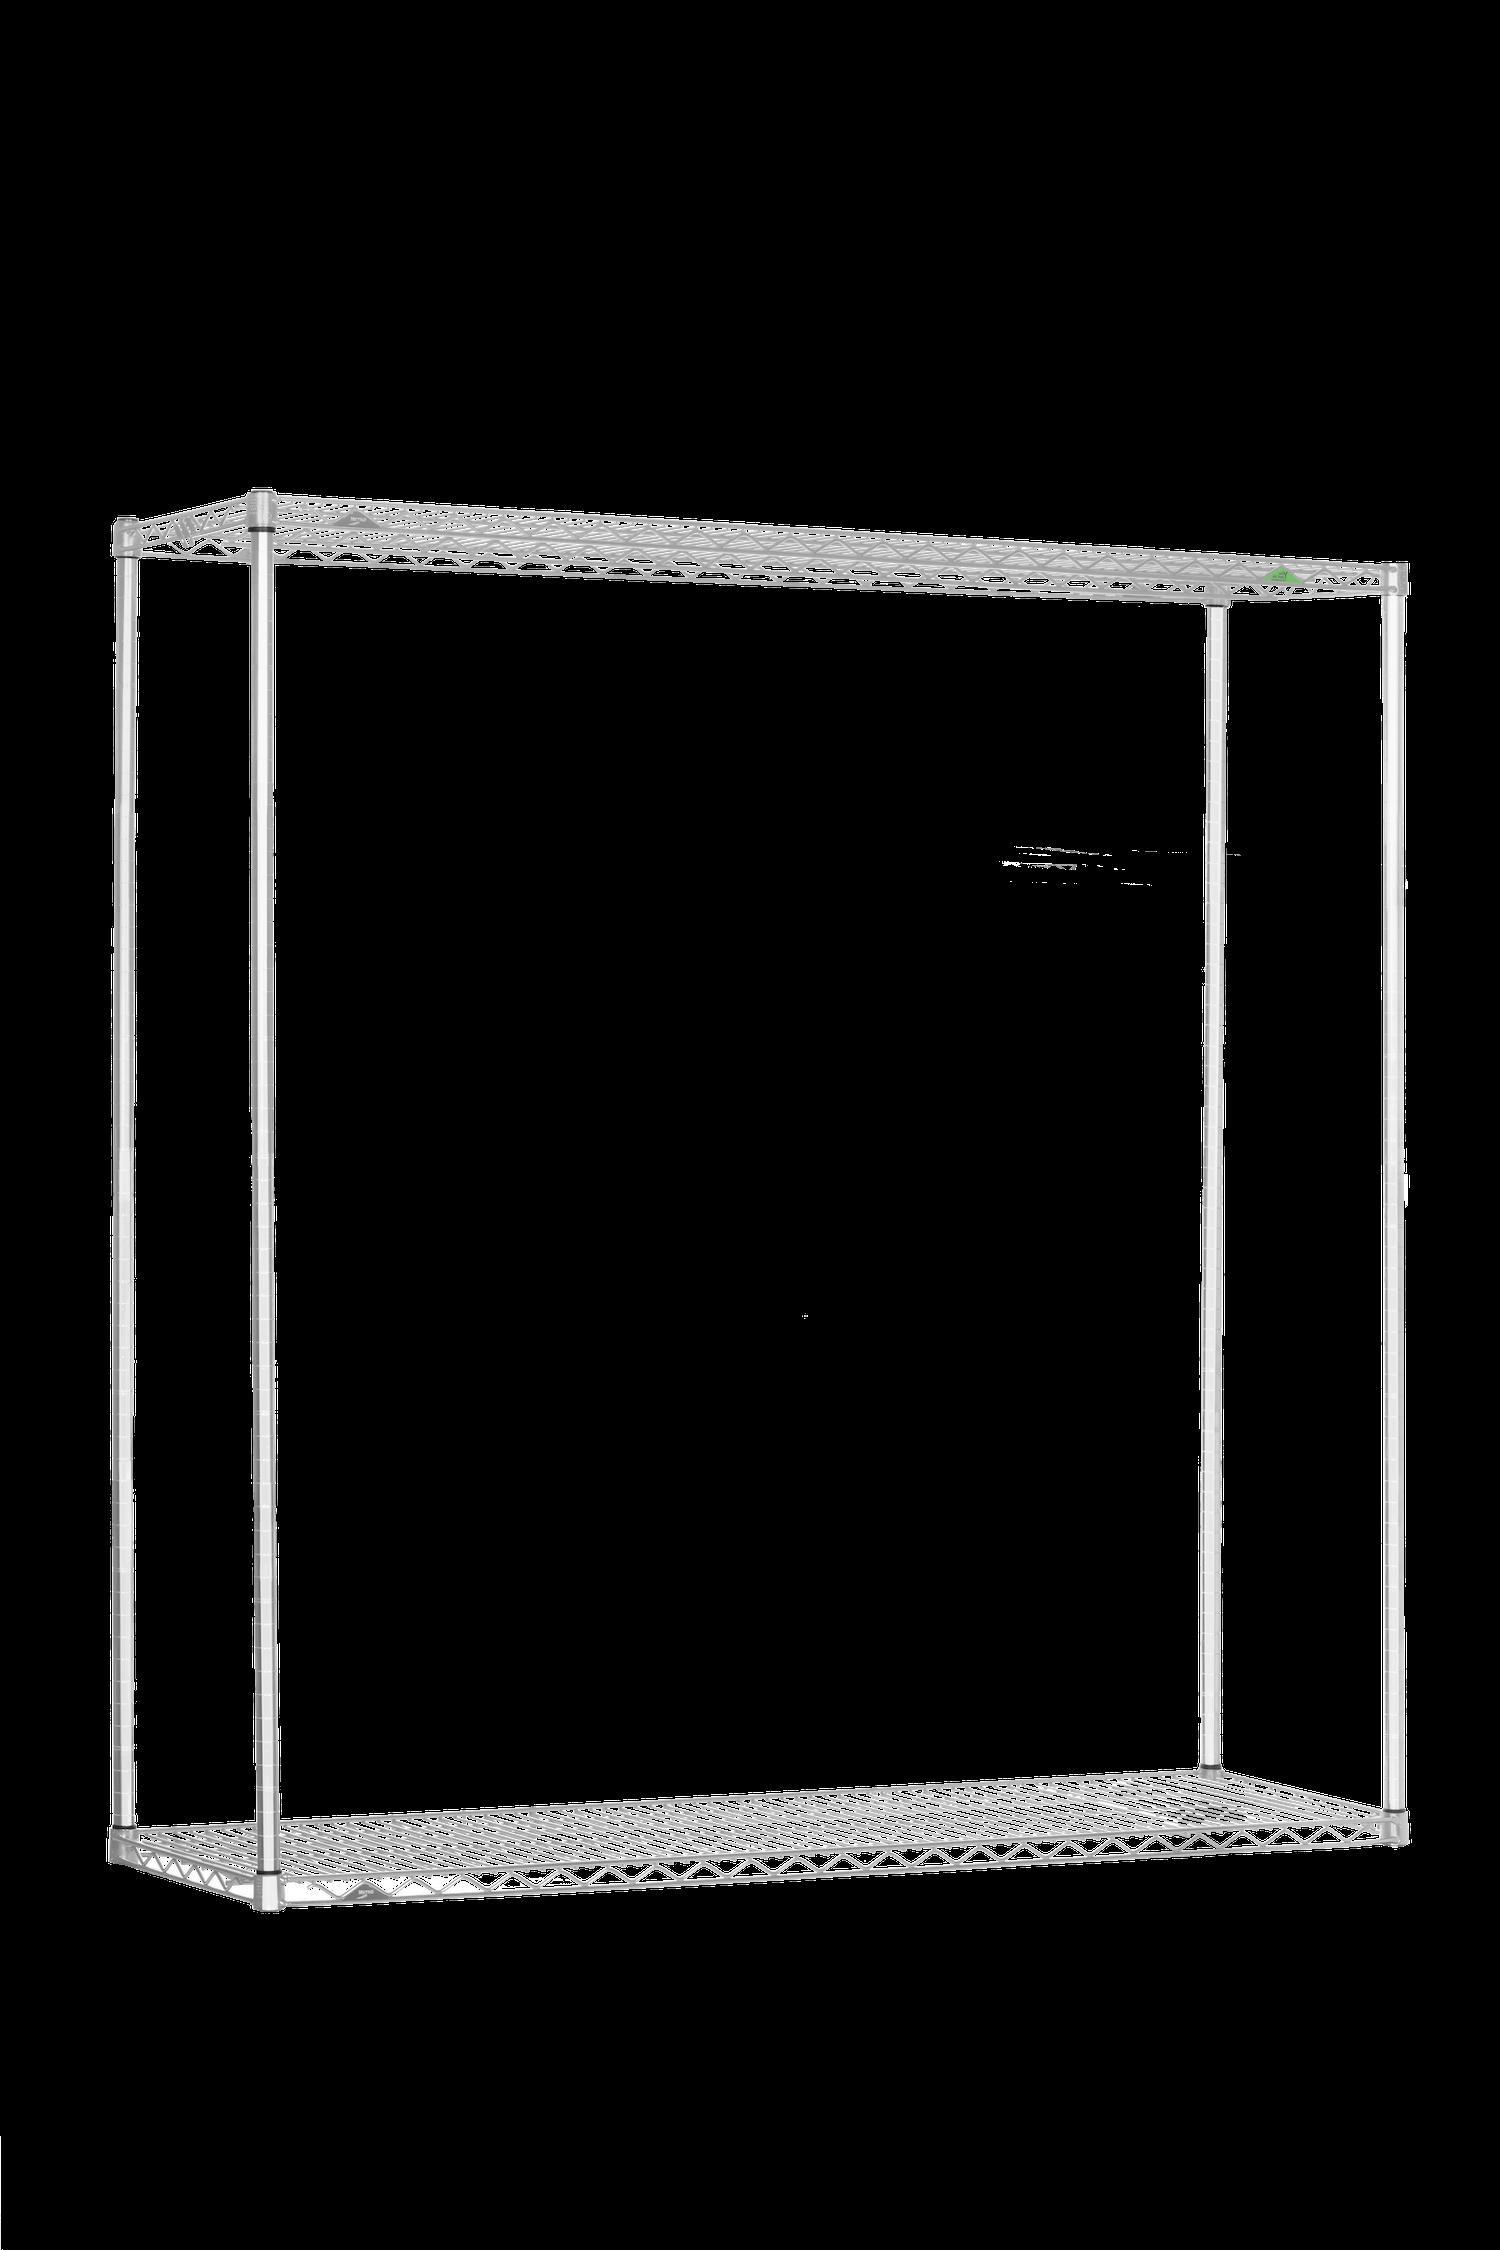 533x1524mm, 21x60 inch